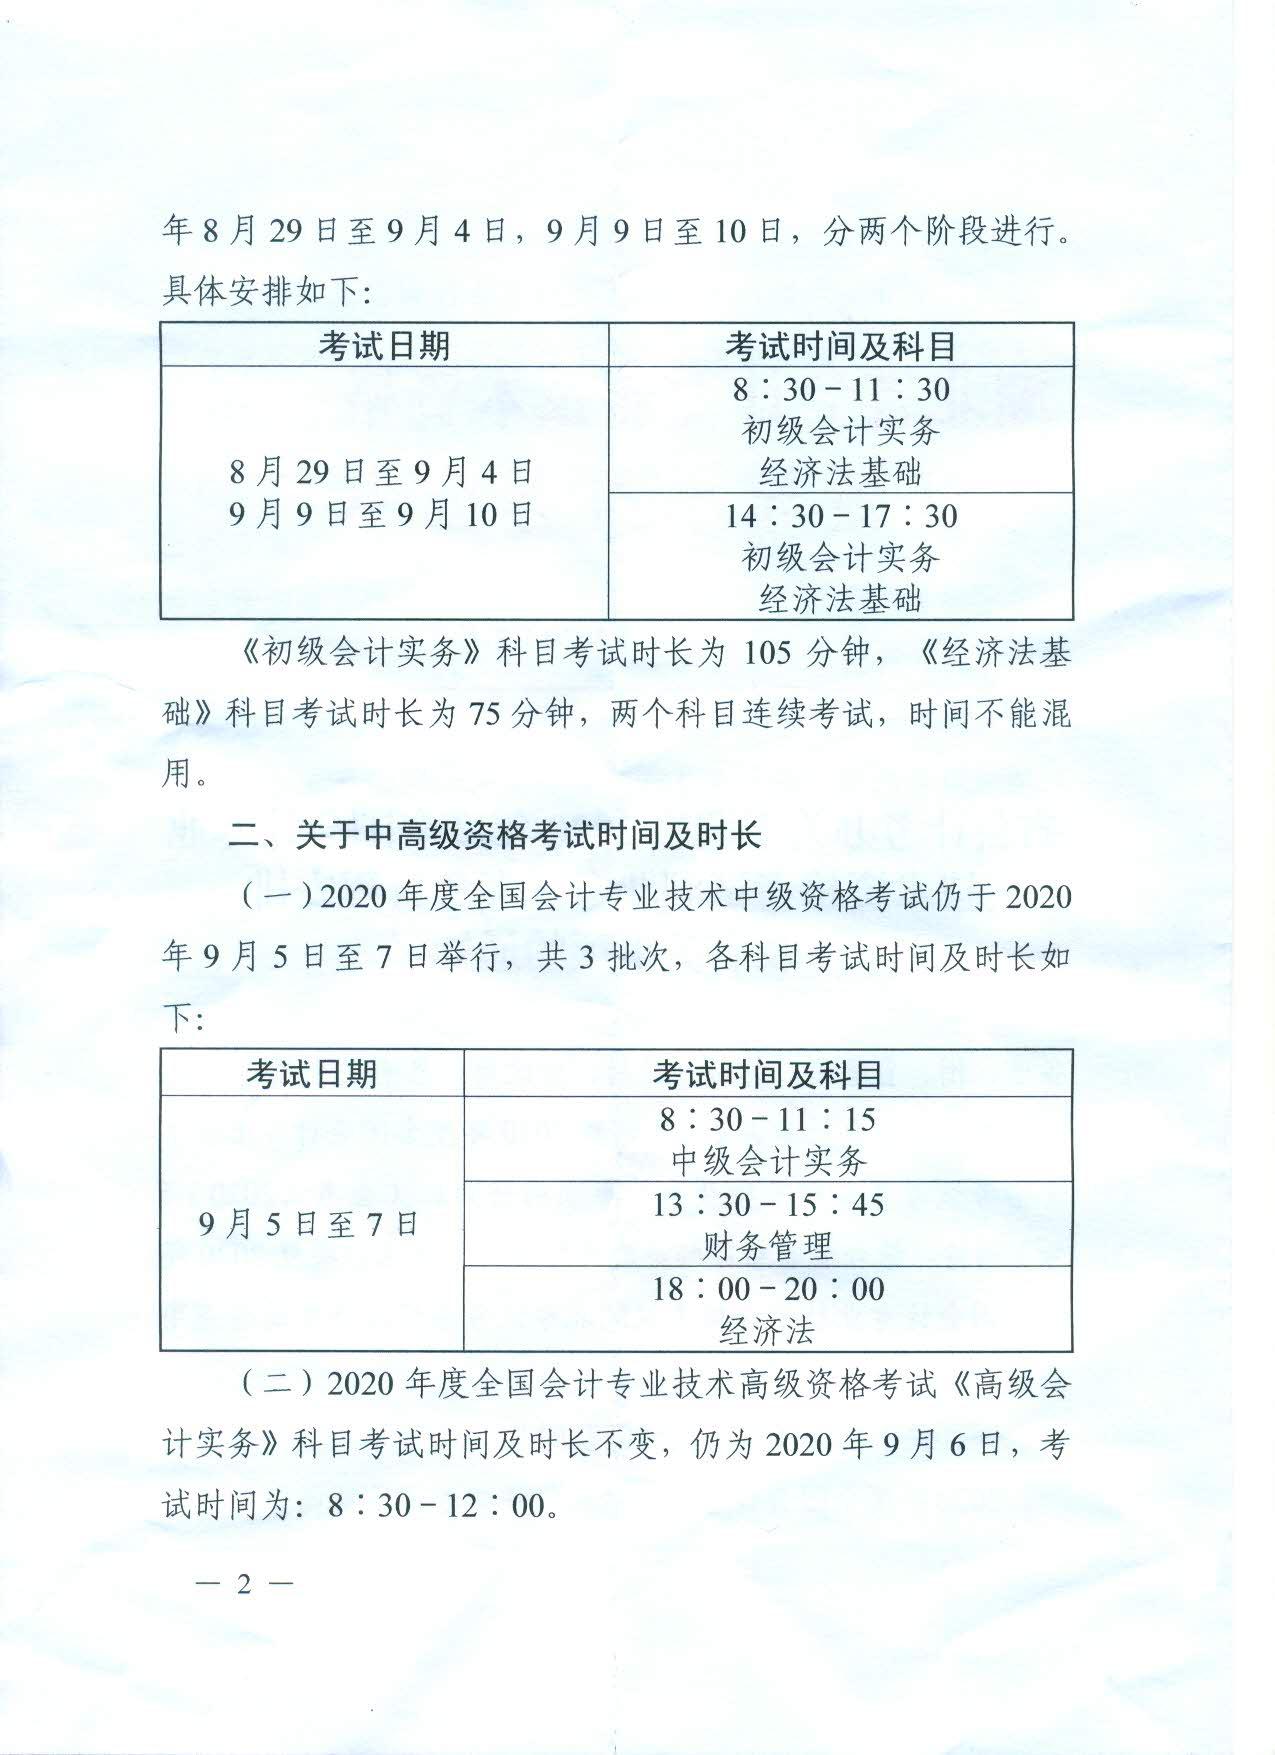 關于湖北省調整2020年中級會計職稱考試時間日程安排及有關事項的通知